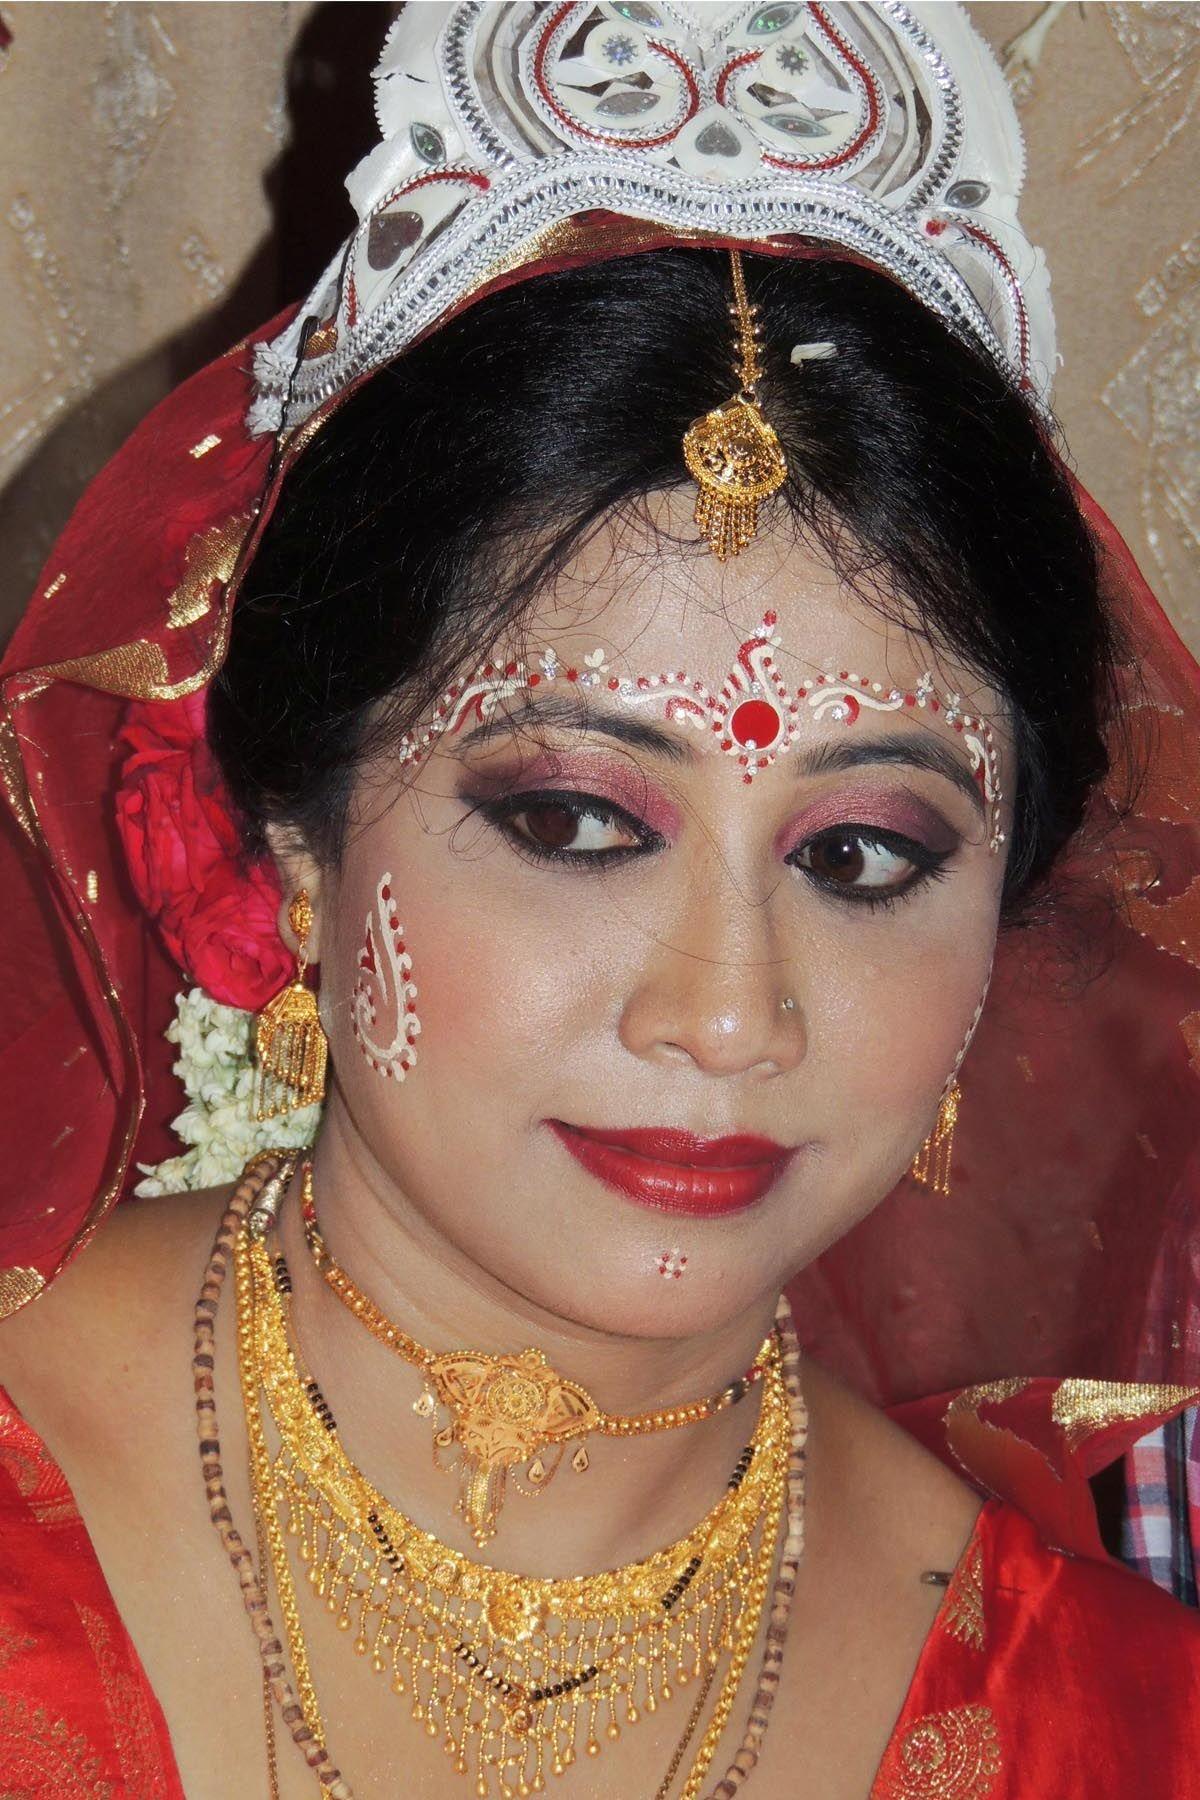 Bengali Bride picture. Bengali bridal makeup, Bengali